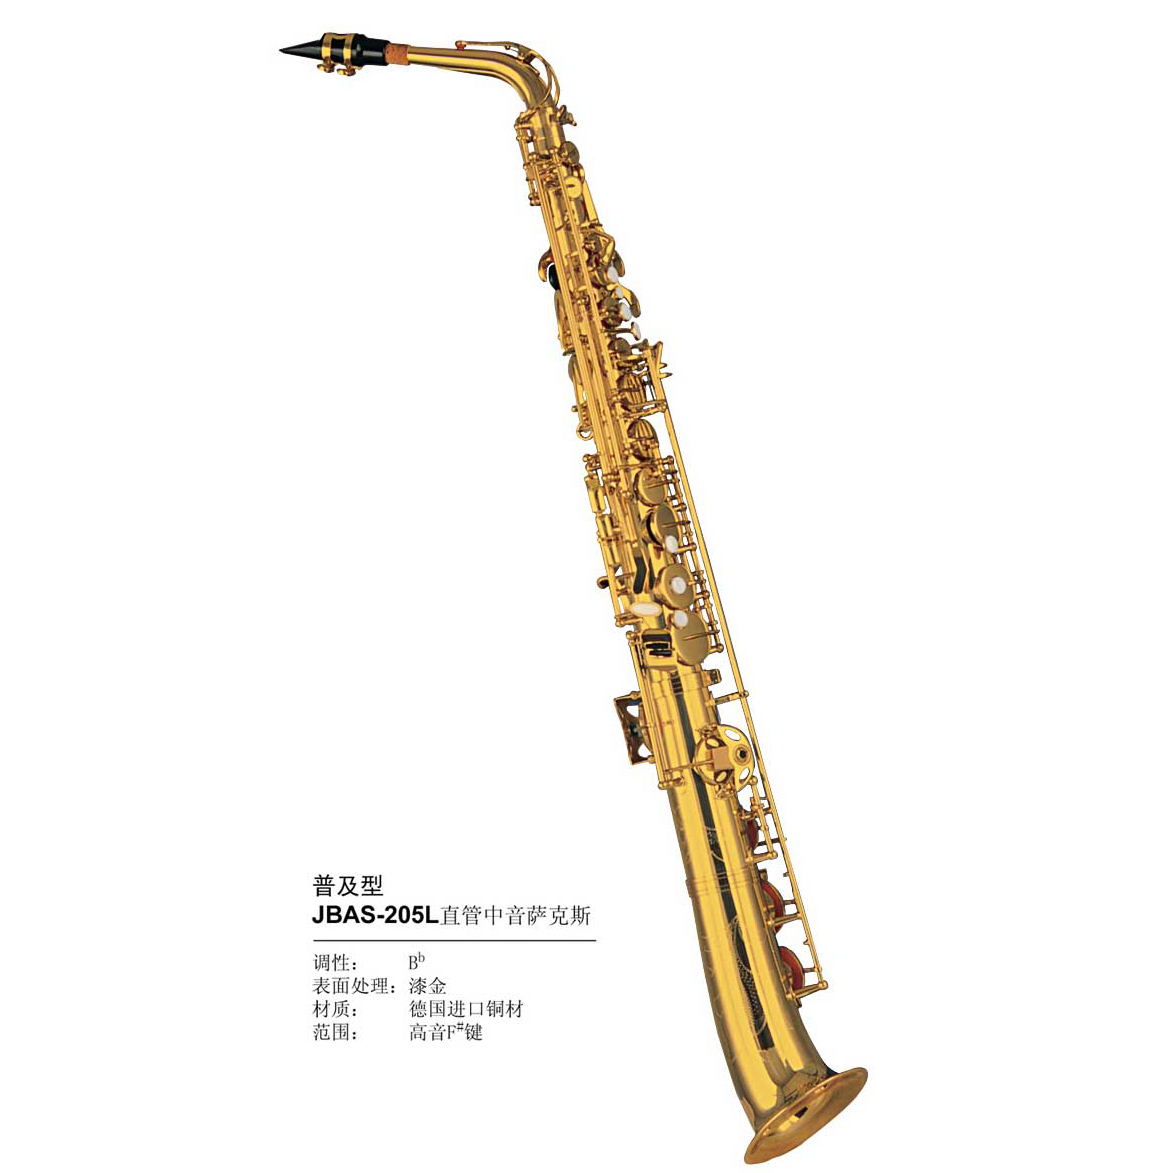 津宝牌jbas-205l管中音萨克斯  描述:普及型jbas-205l管中音